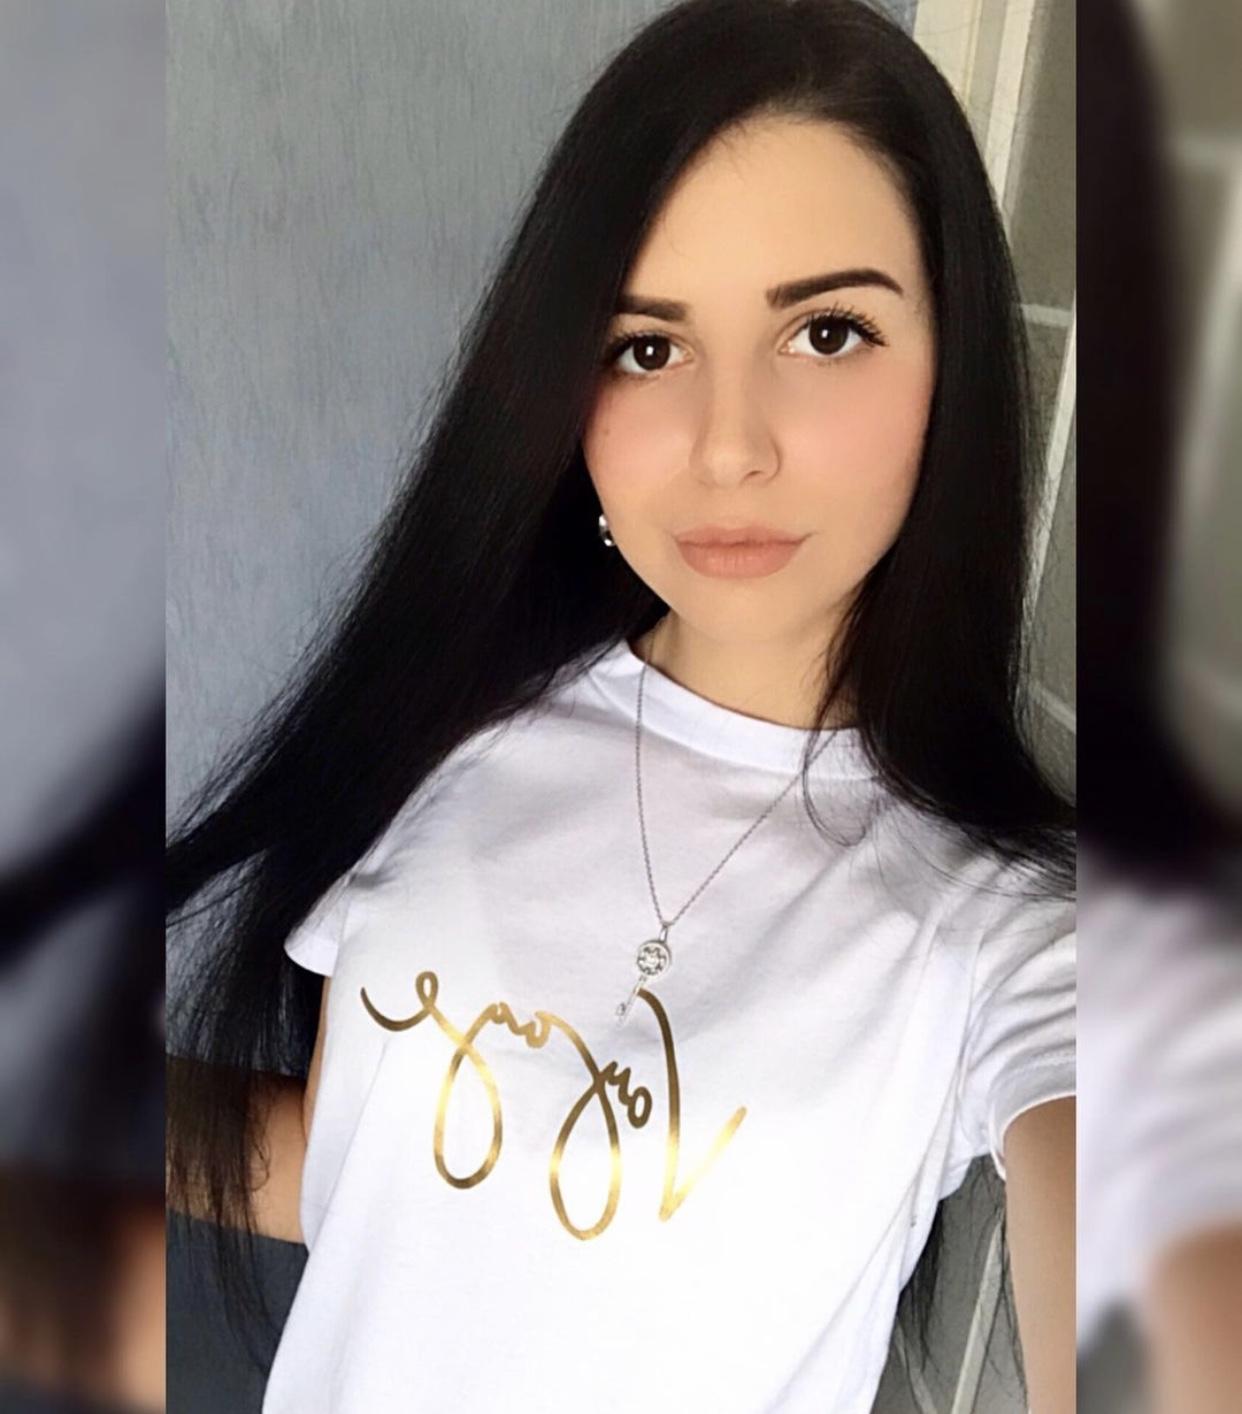 Tanya Loboda - Hire at Ithire